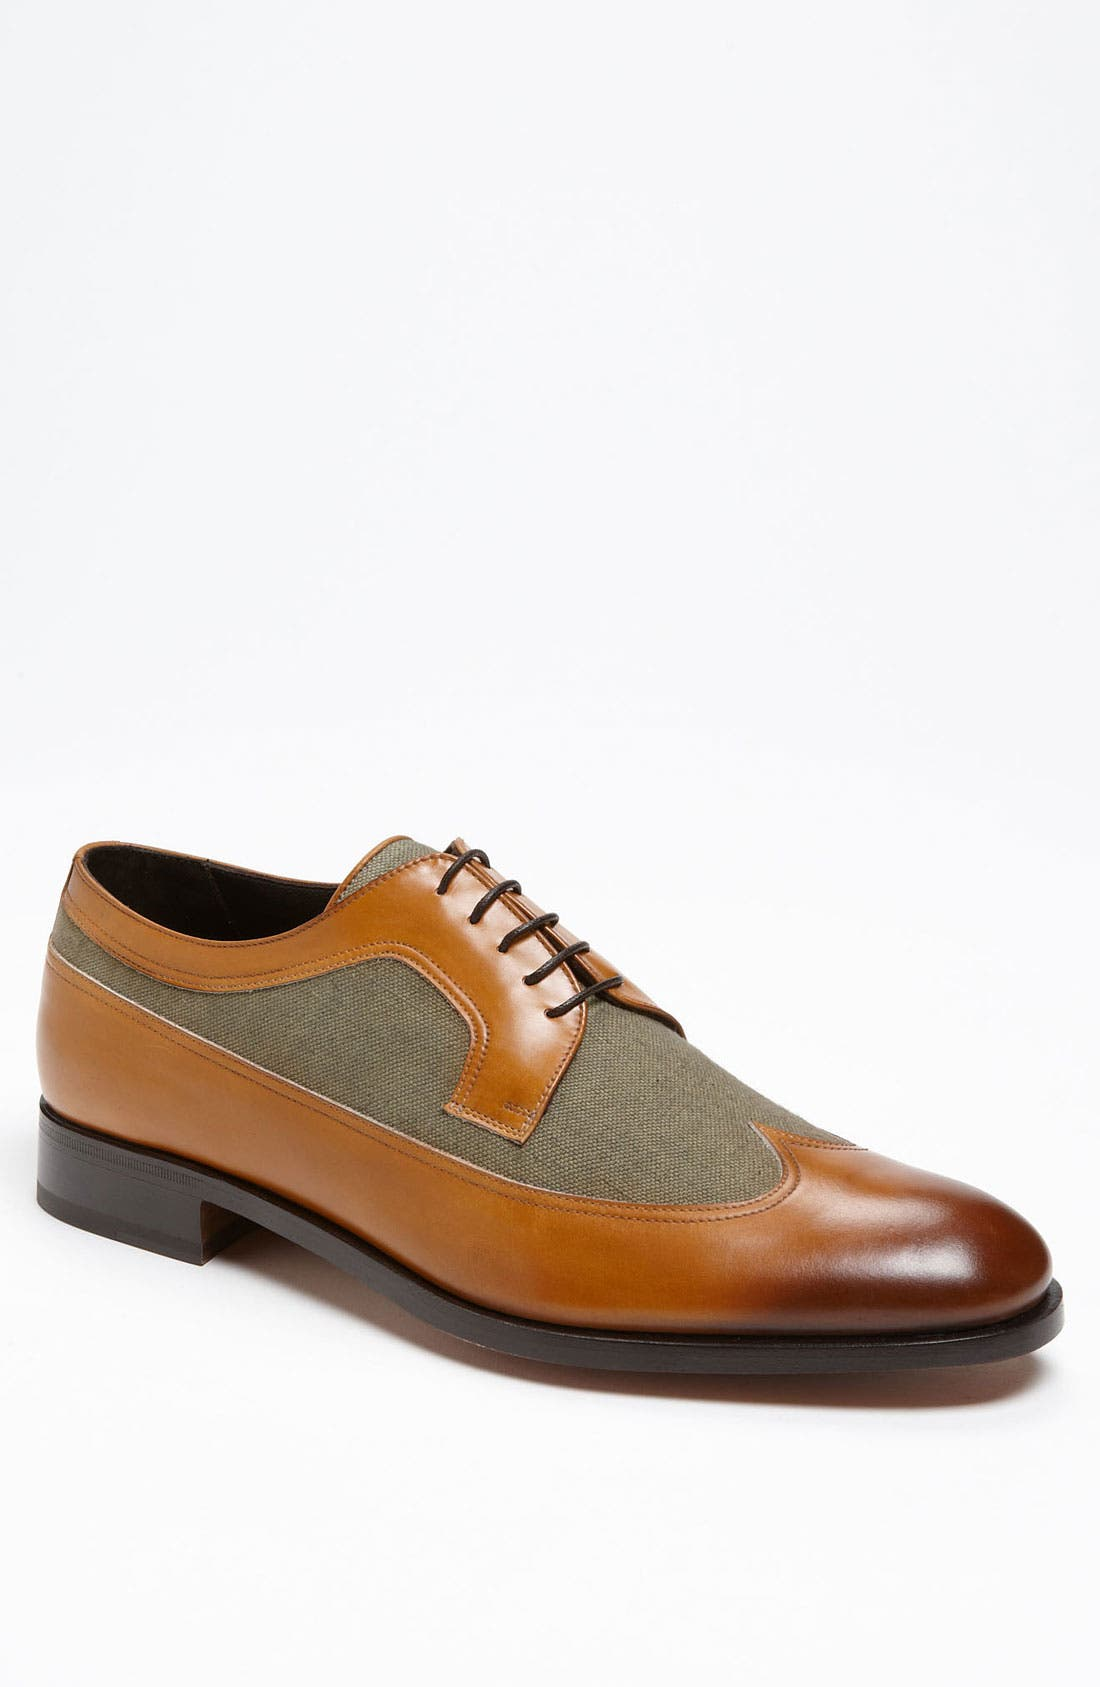 'Rudello' Longwing Oxford,                         Main,                         color, Tan Calf